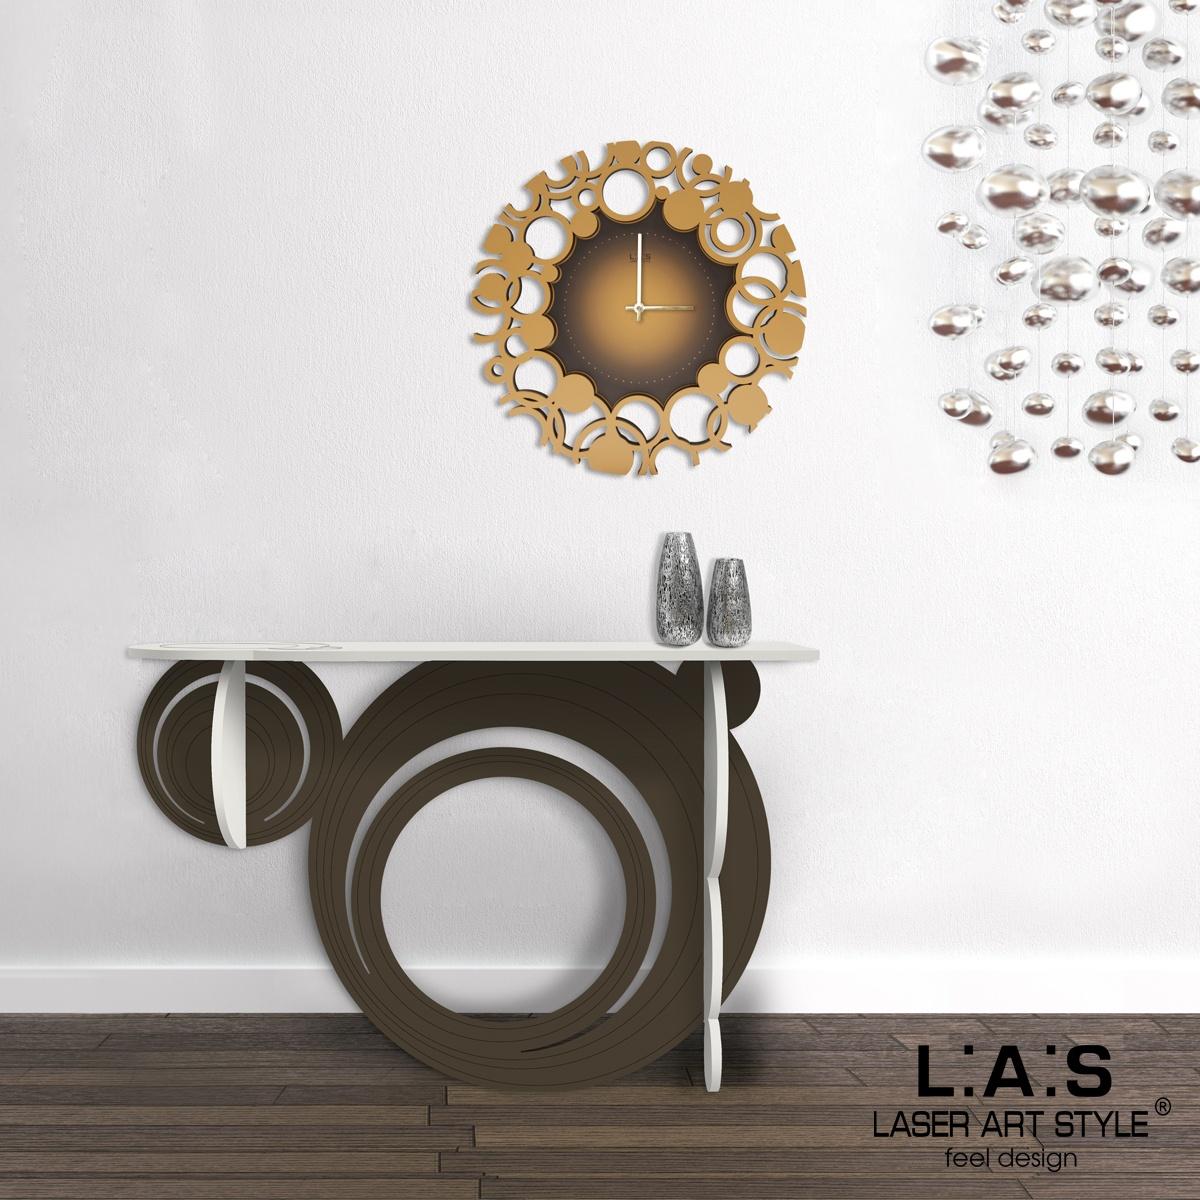 L:A:S - Laser Art Style - OROLOGIO DA PARETE DESIGN SI-534 ORO